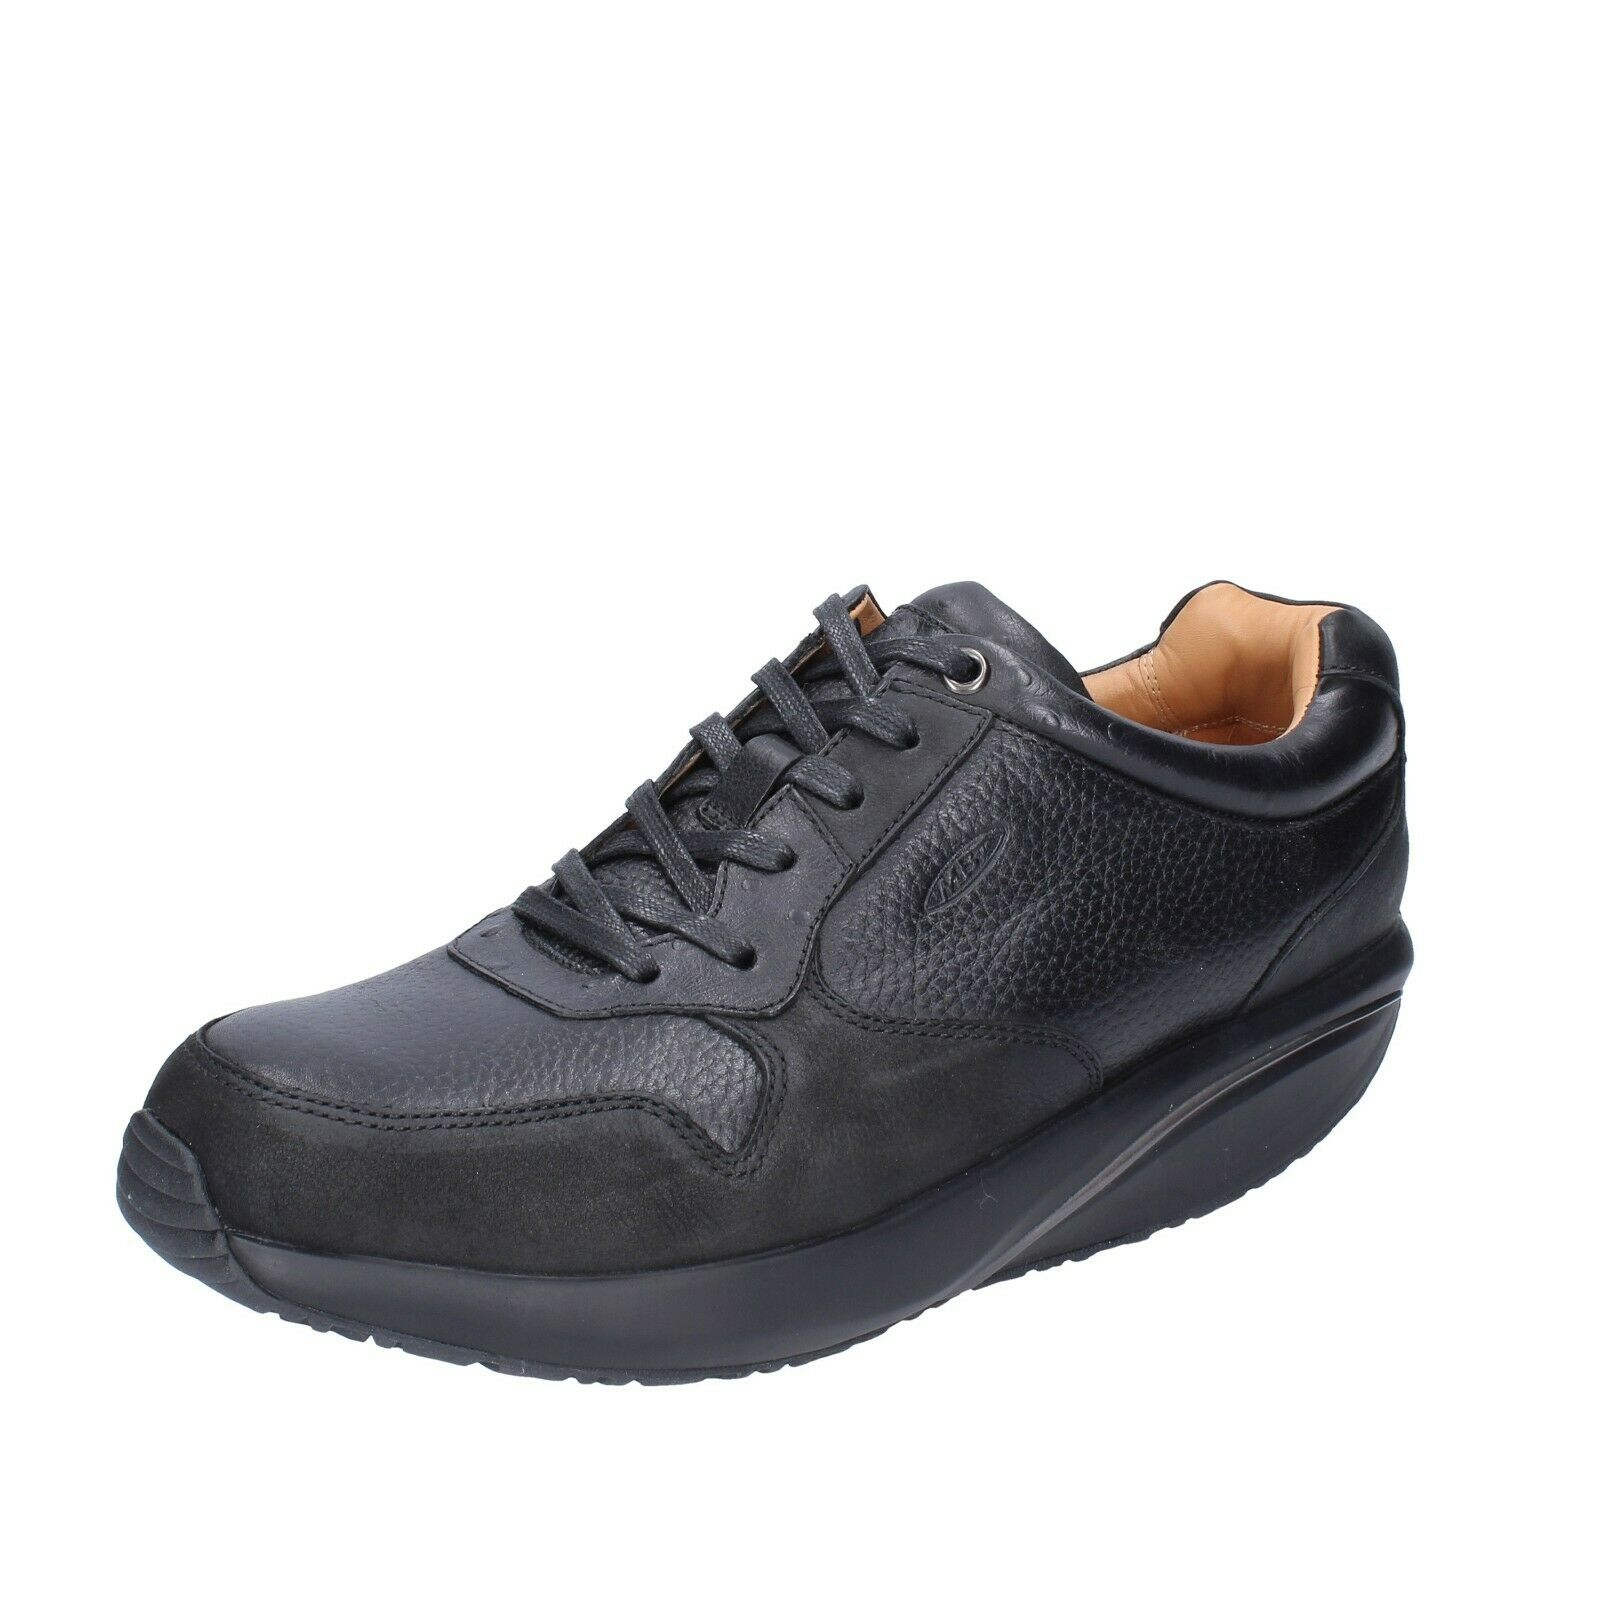 Men's shoes mbt 46 EU shoes black leather bh548